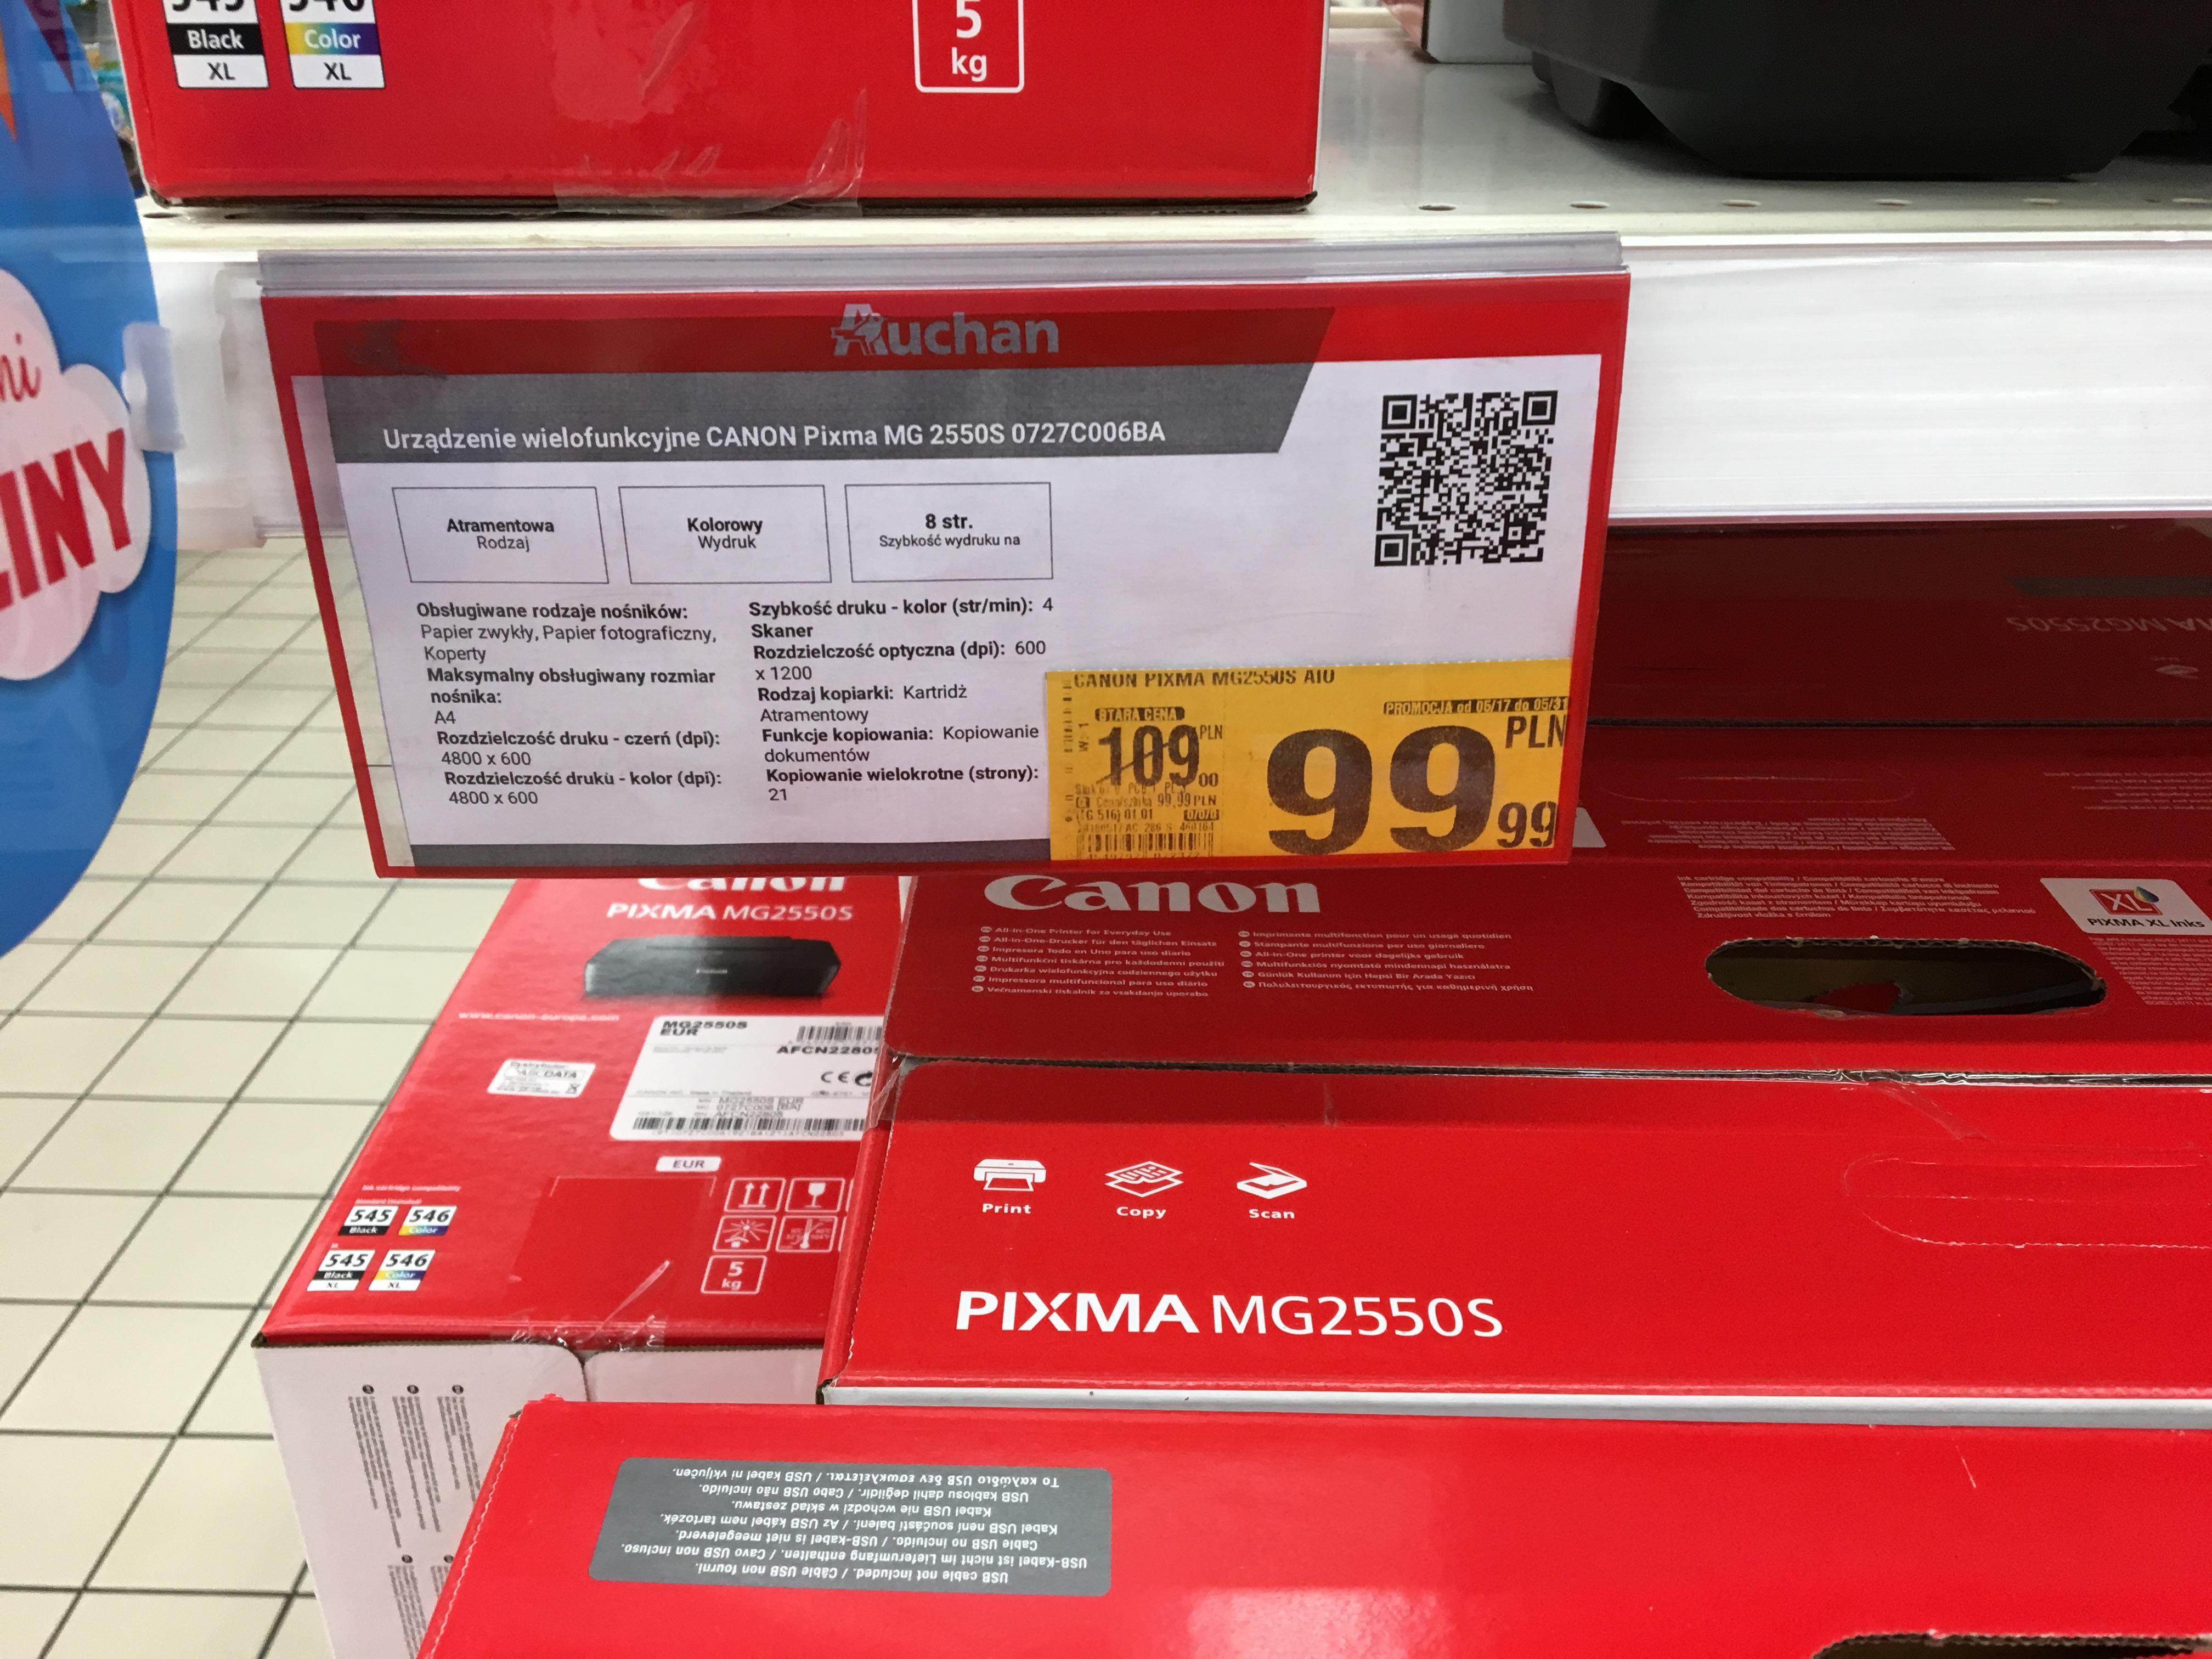 Urządzenie wielofunkcyjne Canon Pixma MG 2550S (0727C006BA) Auchan Galeria Bronowice